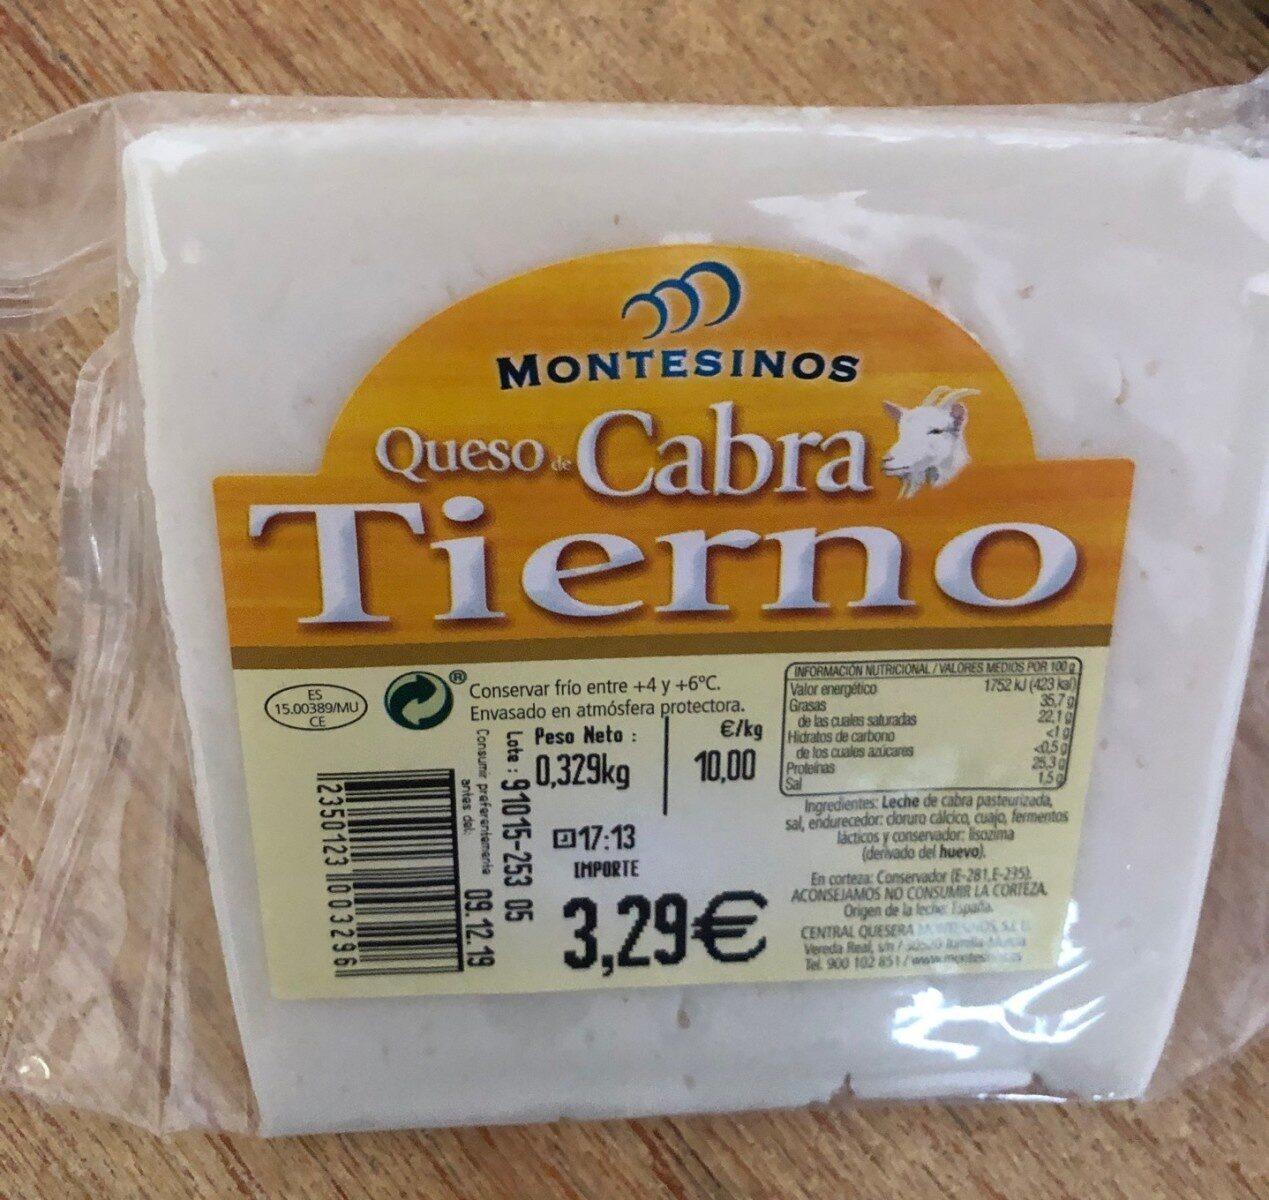 Queso de cabra tierno - Product